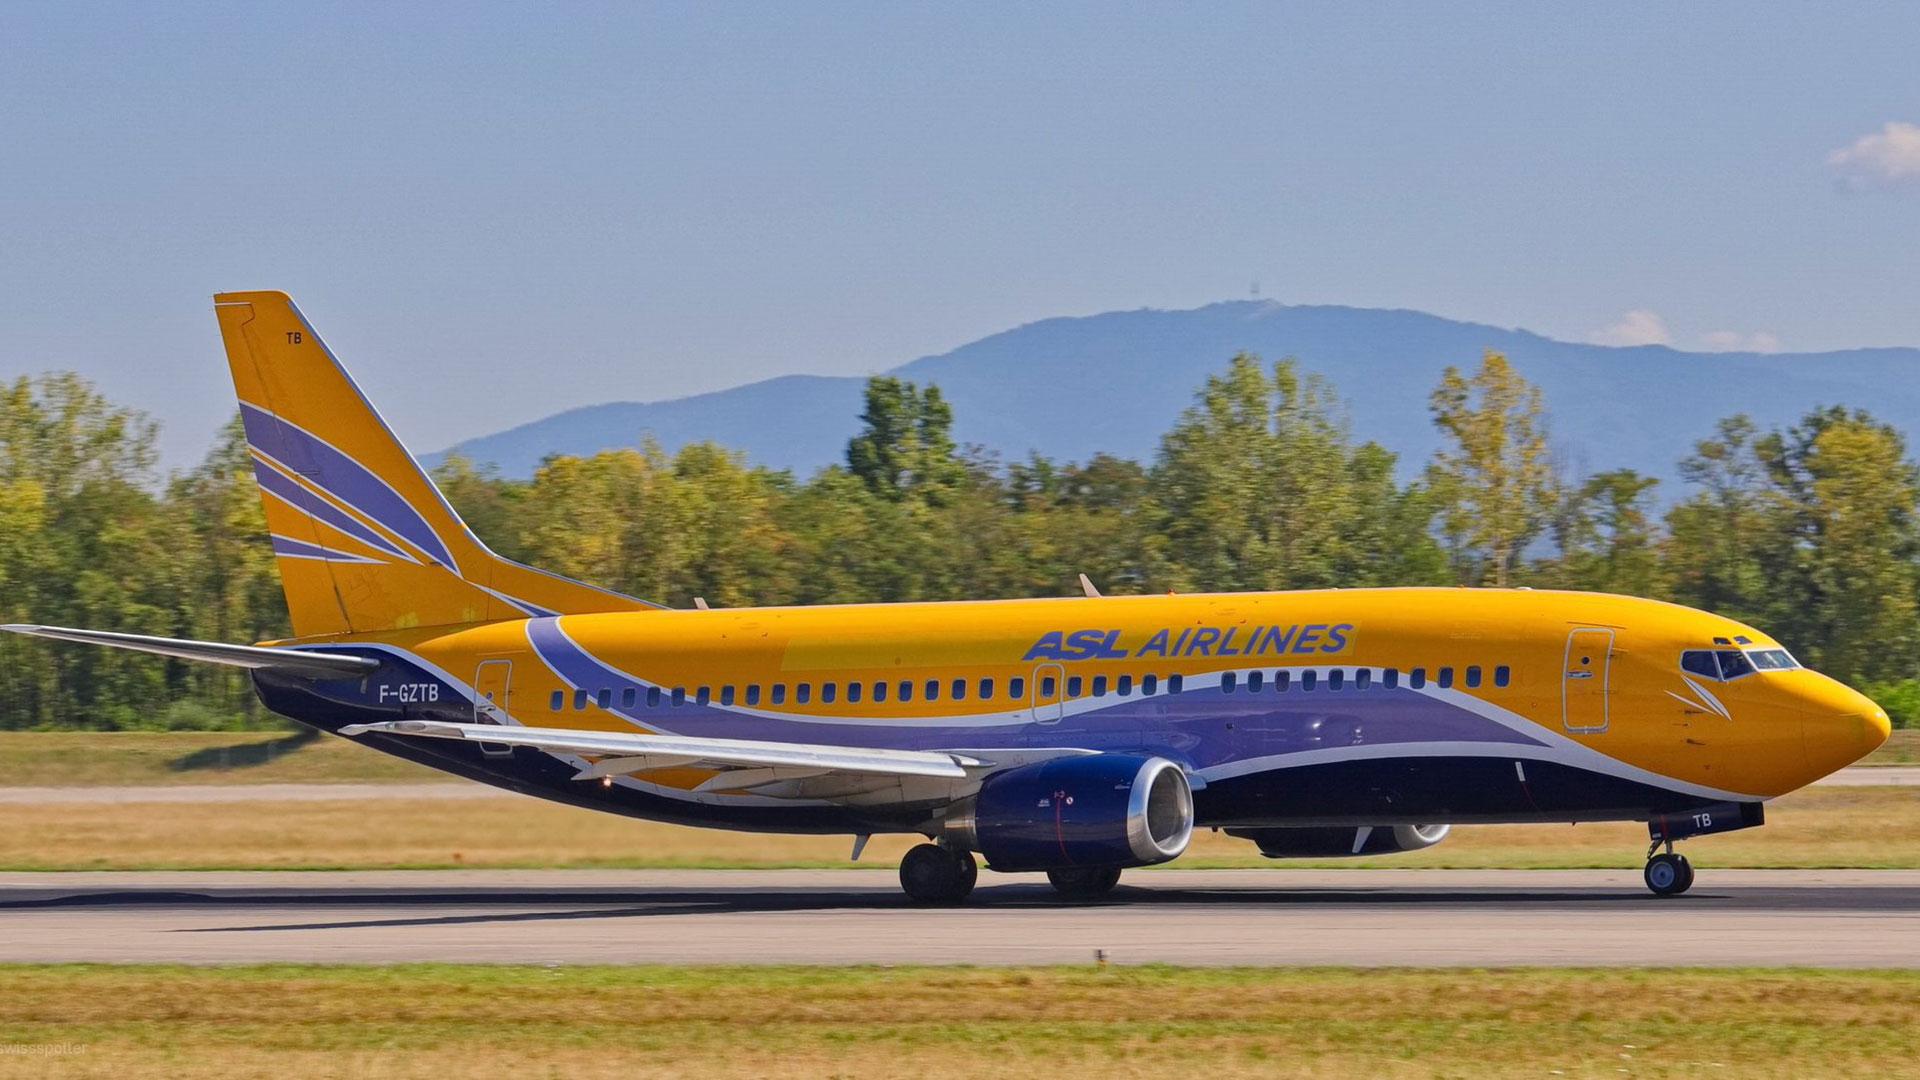 Otro avión en cuarentena: 147 pasajeros estuvieron varados en Francia por  temor a una epidemia de cólera - Infobae